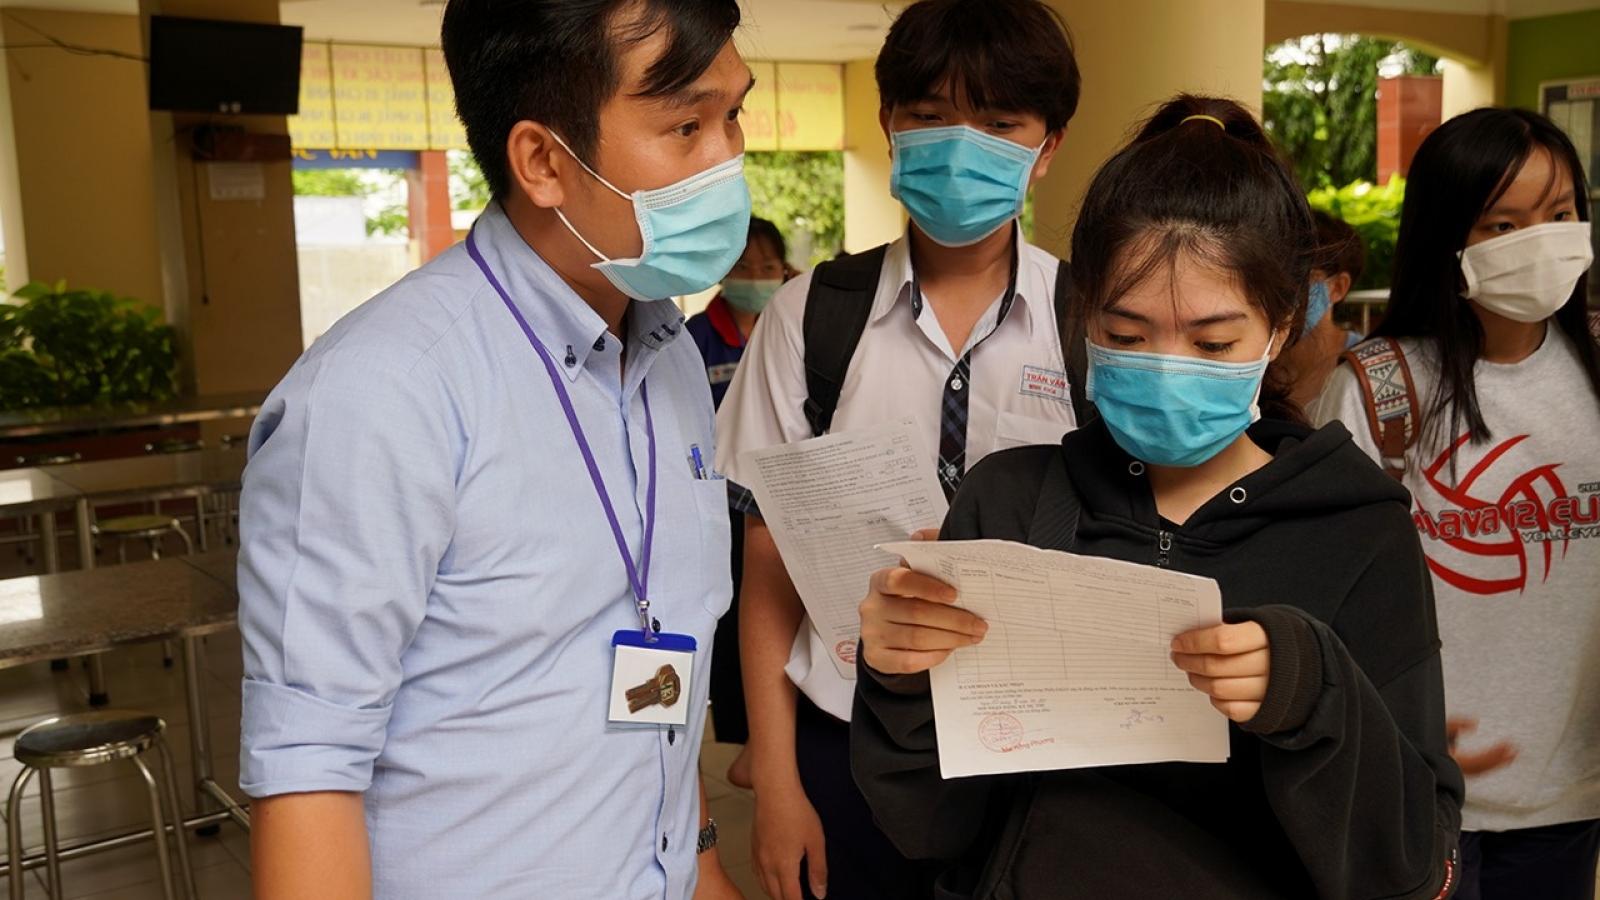 Bộ Giáo dục và Đào tạo công bố đề thi tham khảo, các trường lên kế hoạch ôn tập